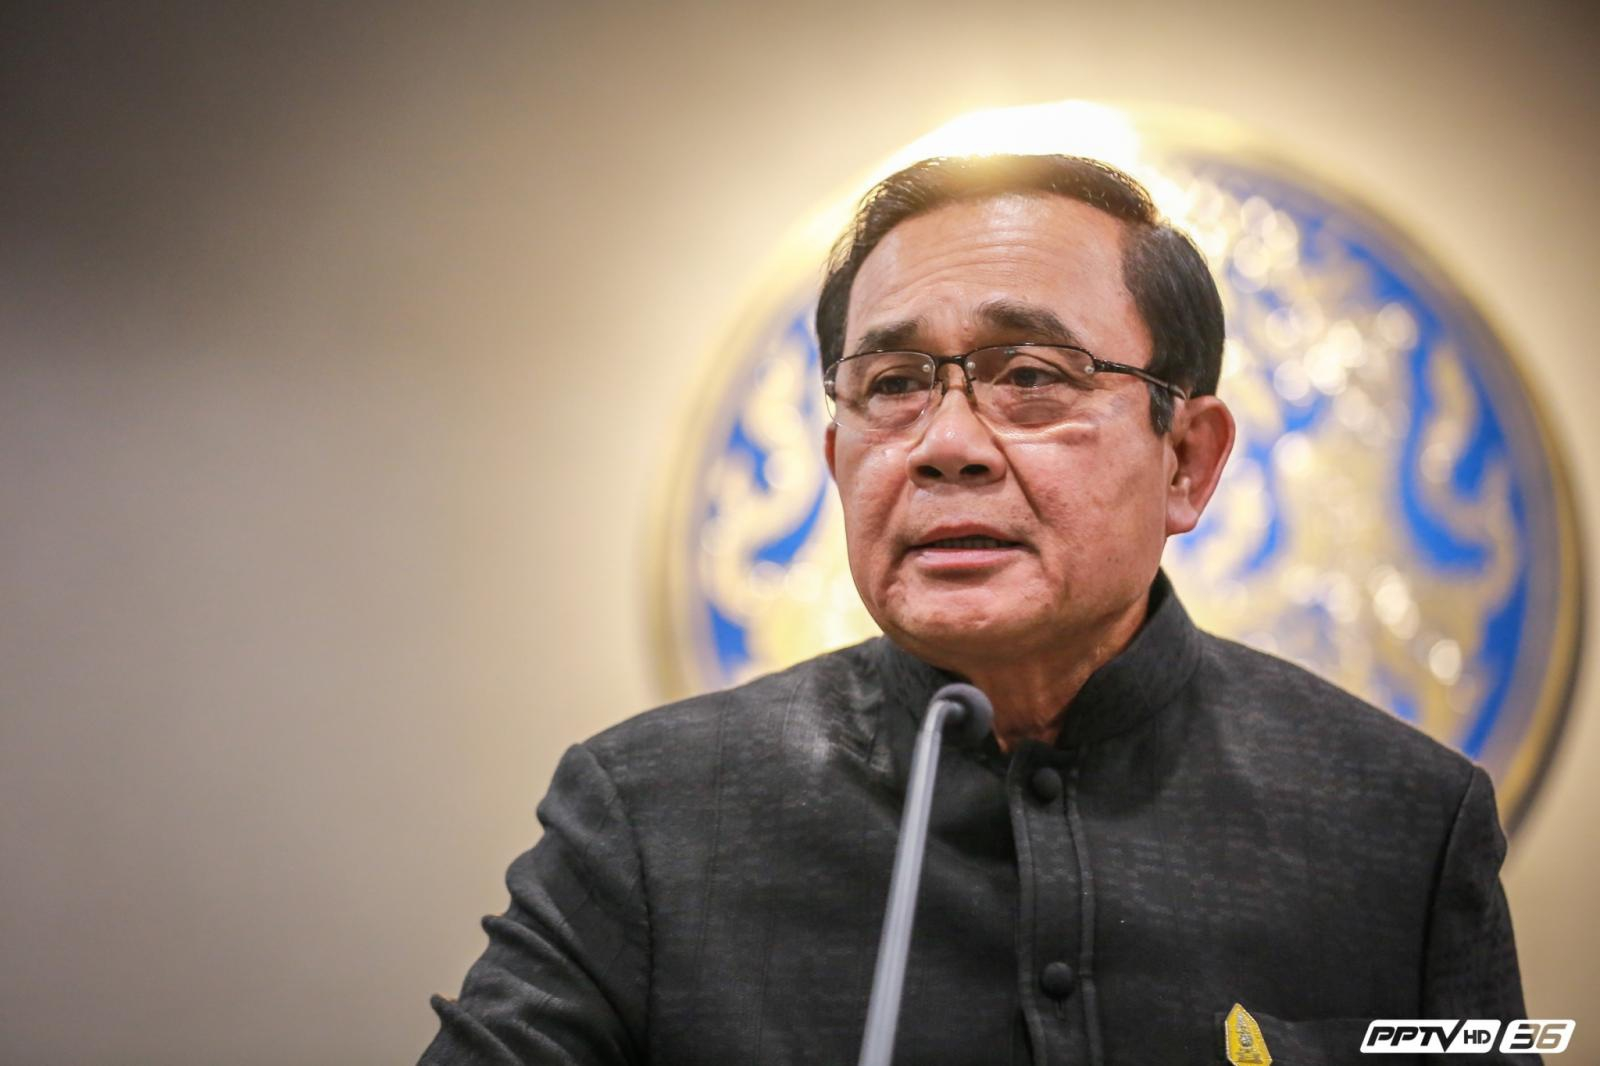 นายกฯ ขอสื่อมีความสุข ร่วมสร้างสรรค์สังคมไทย เนื่องในวันนักข่าว